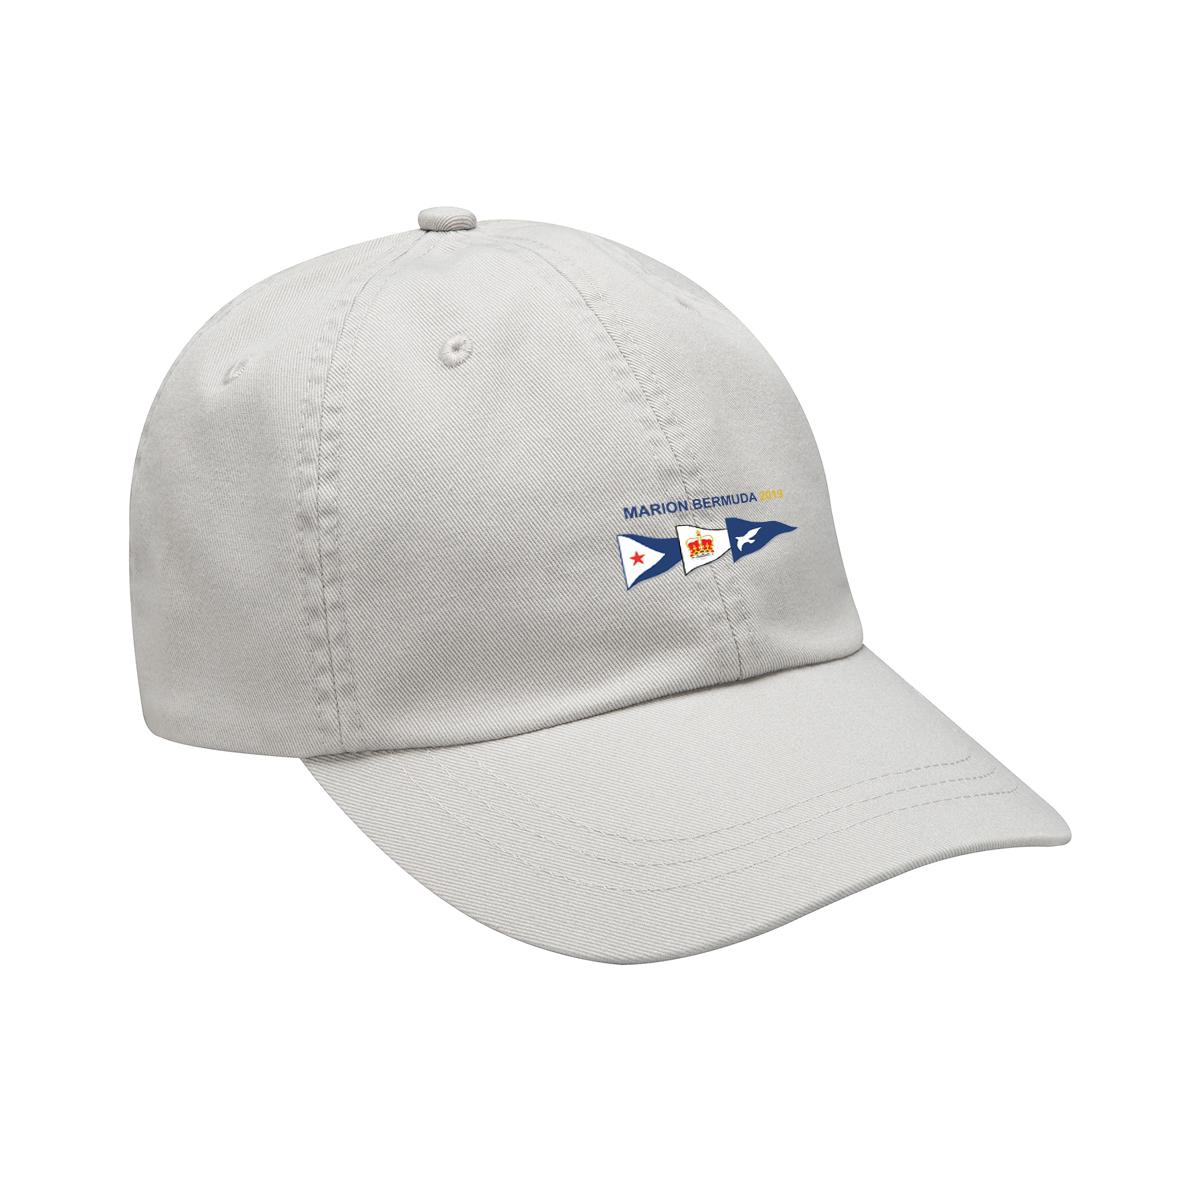 Marion Bermuda Race 2019 - Cotton Hat